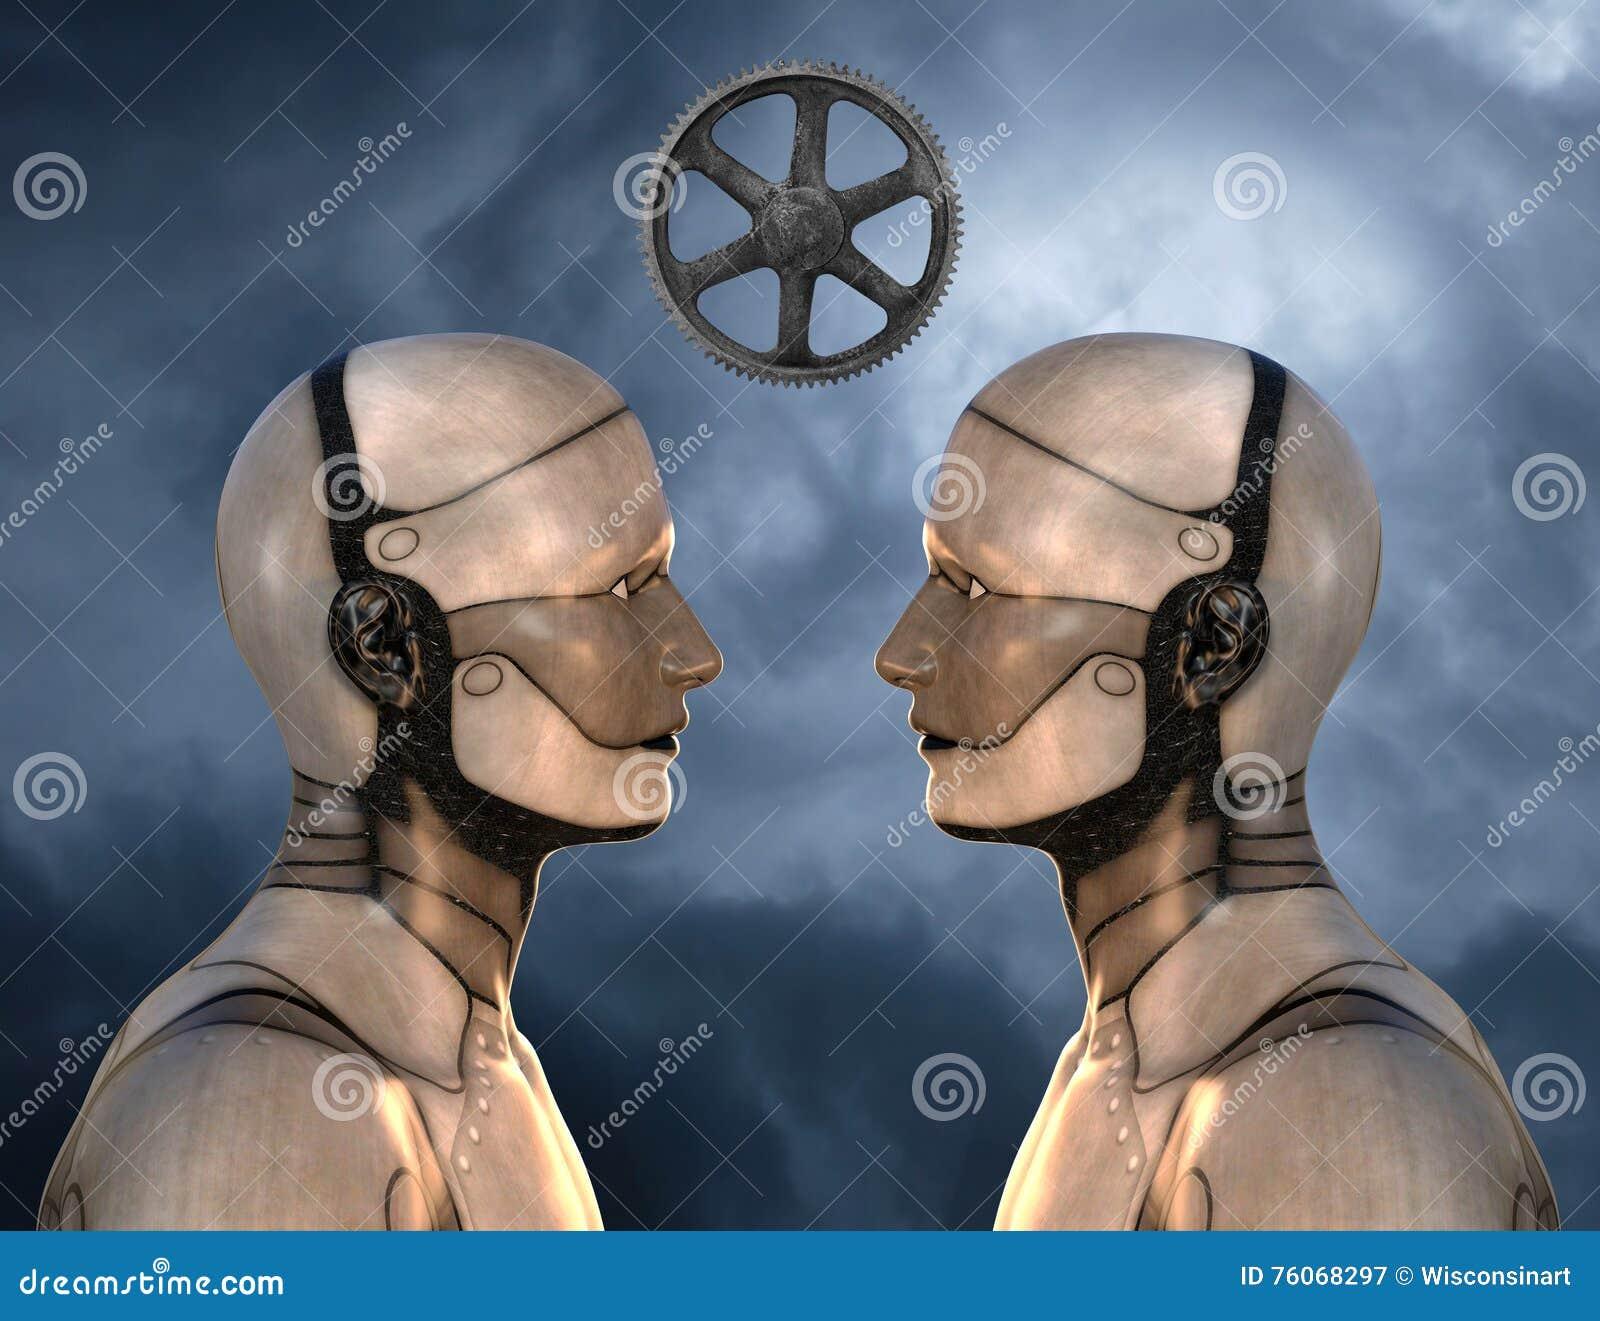 Komunikacja, technologia, informacja, uczenie, edukacja